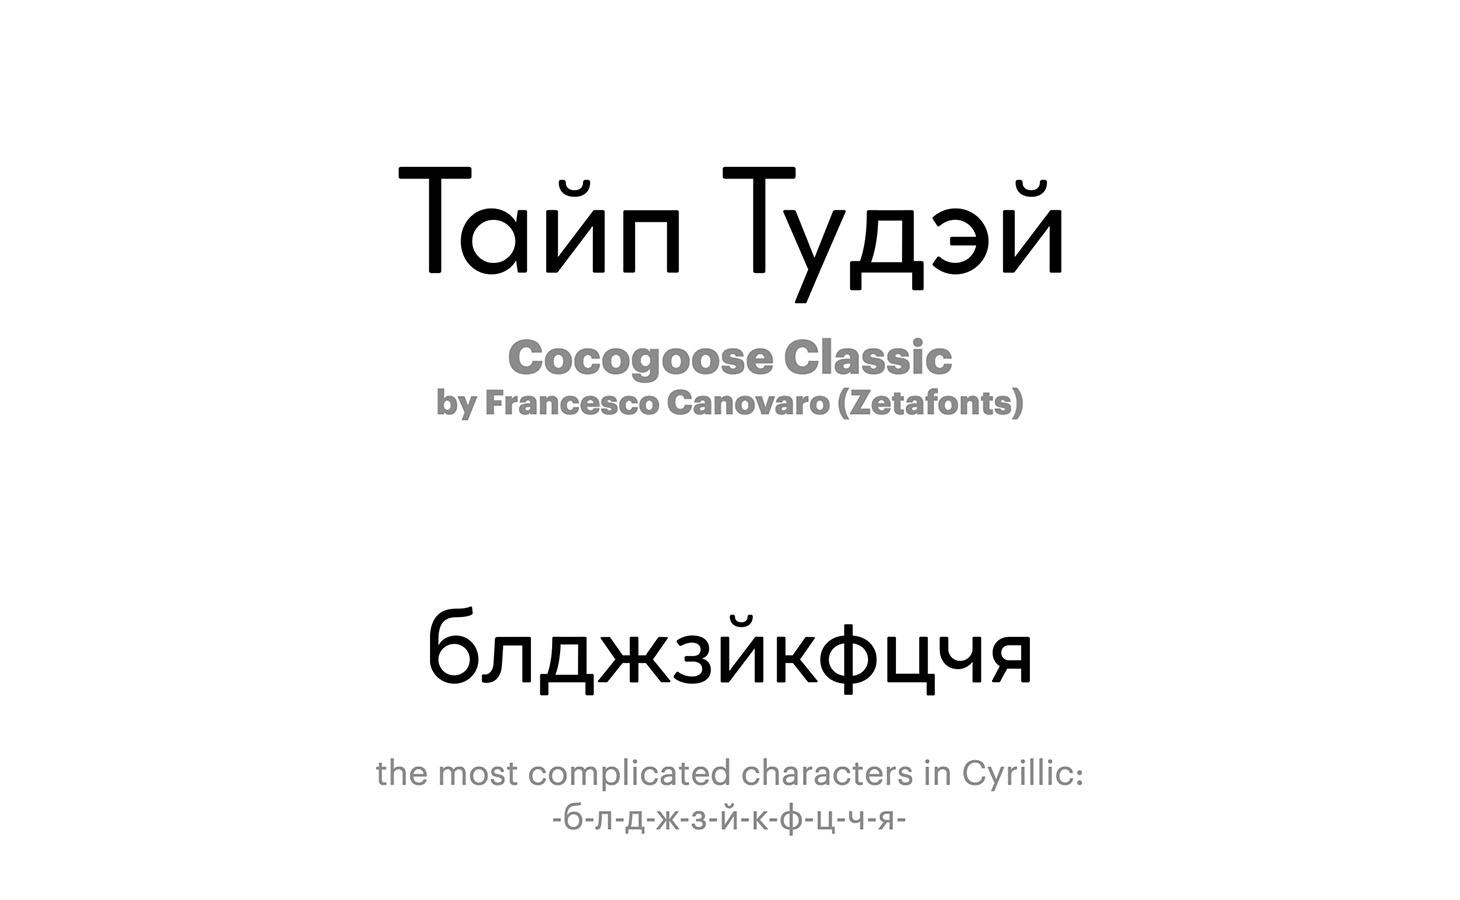 Cocogoose-Classic